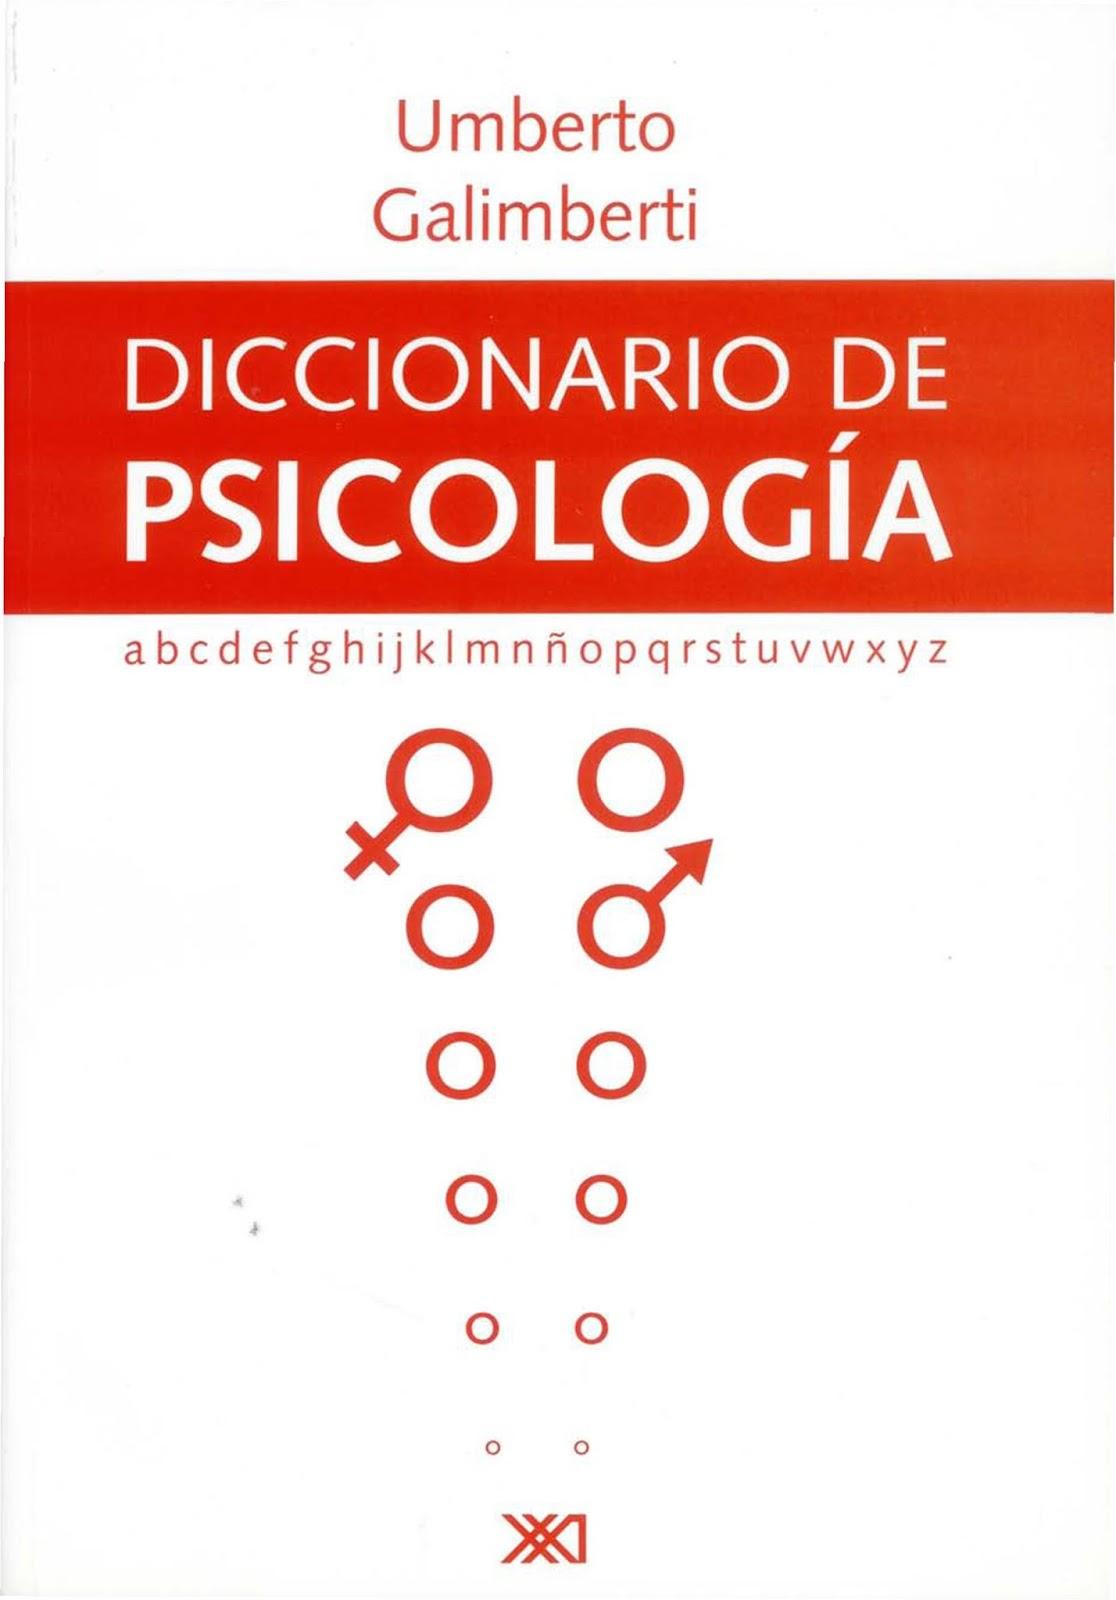 Diccionario de psicología – Umberto Galimberti